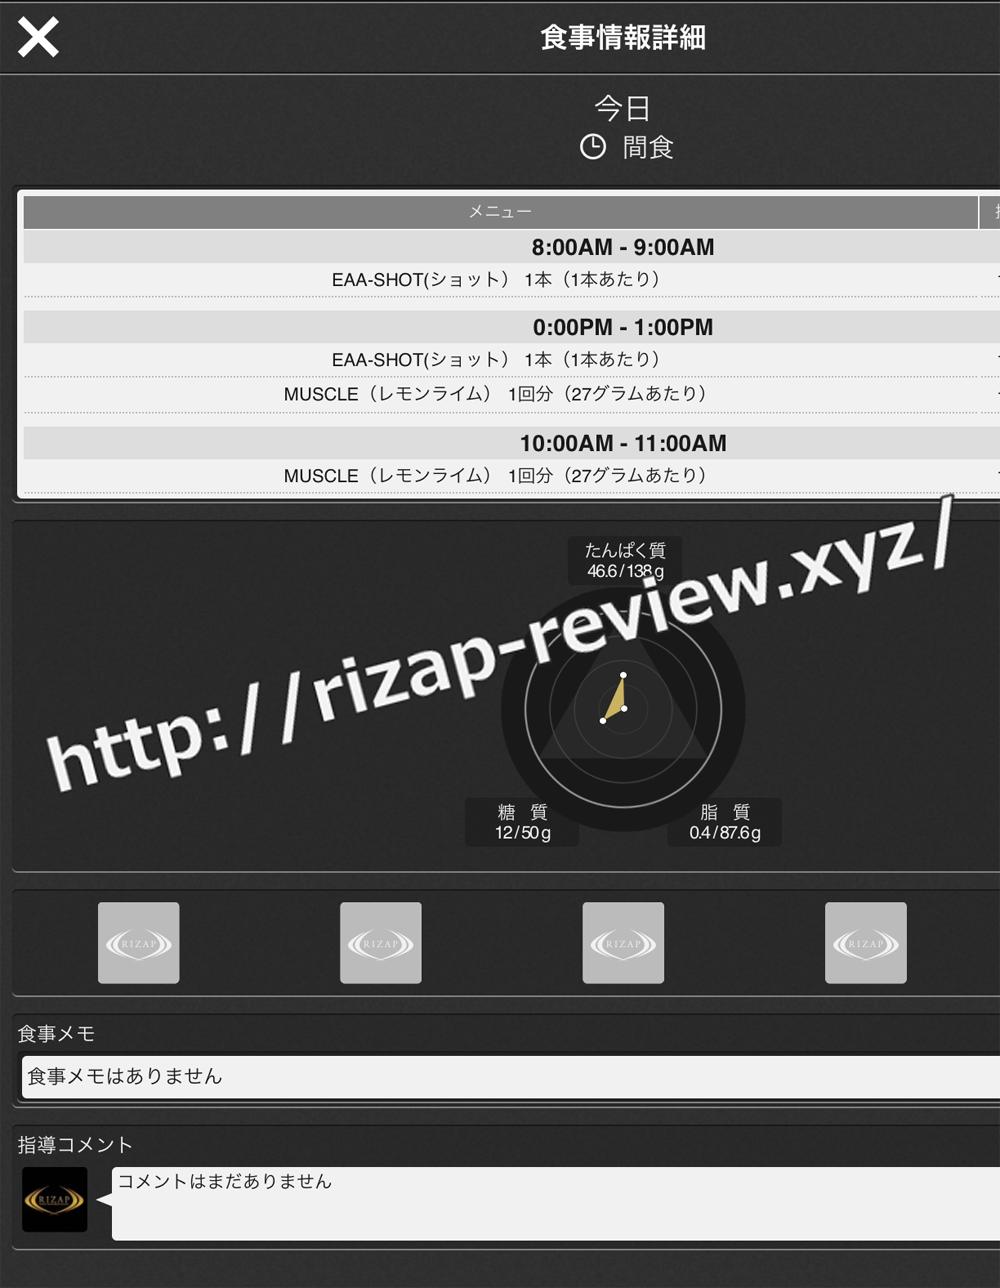 2018.10.5(金)ライザップ流の間食